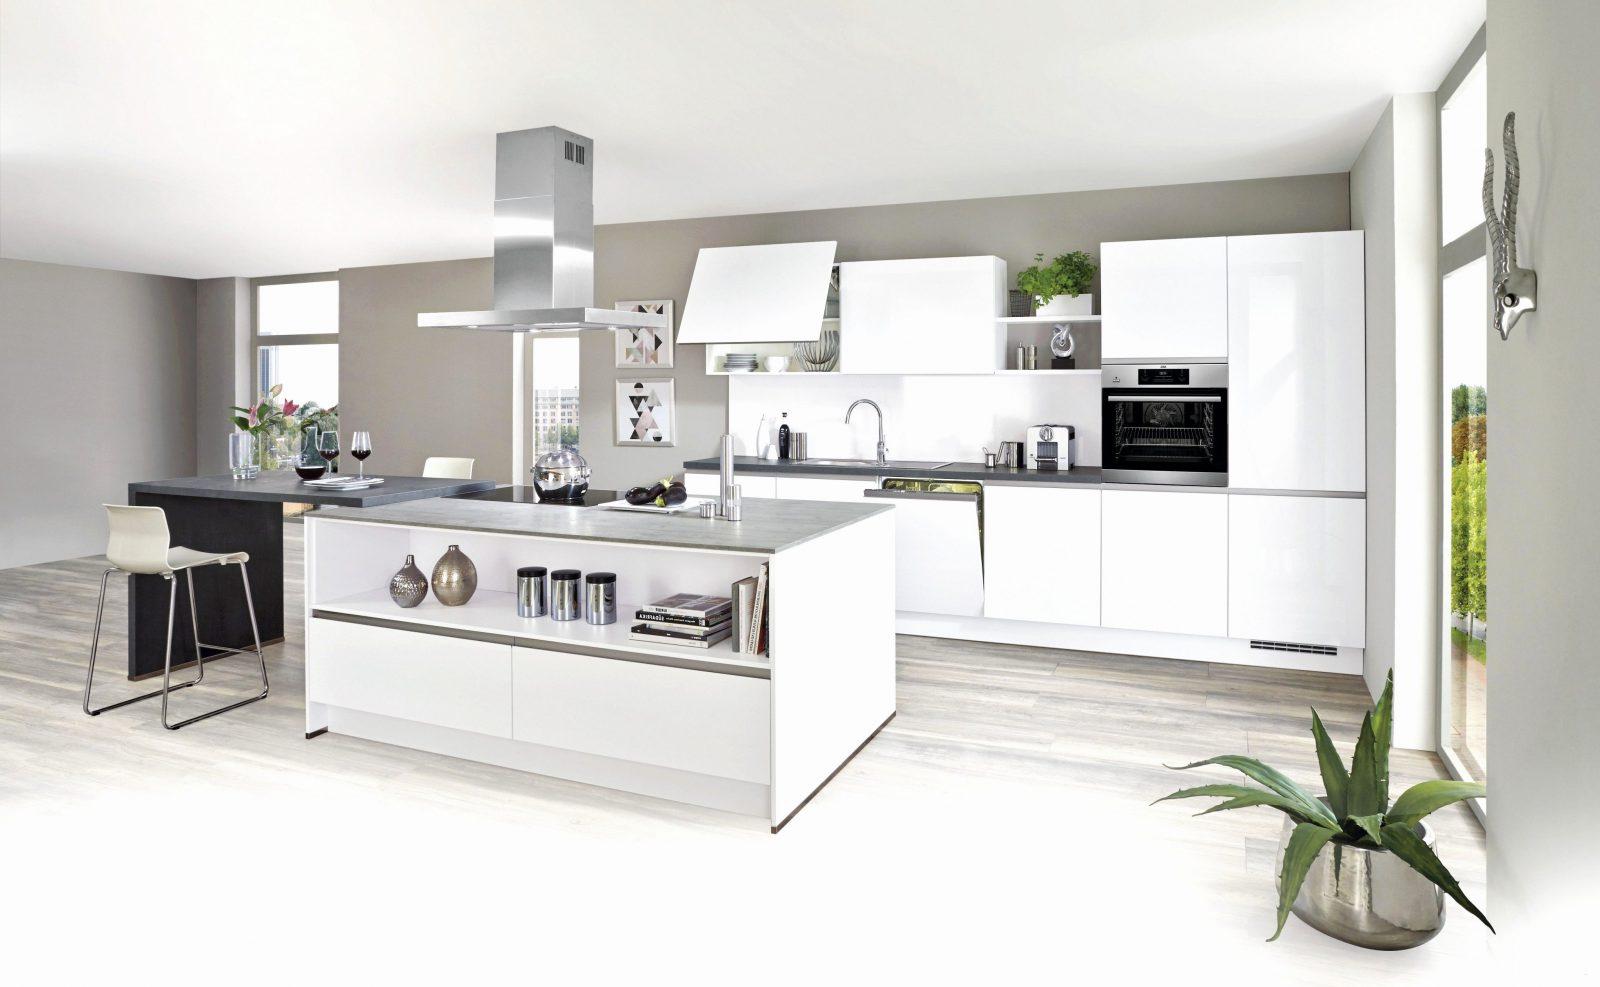 Küche Kochinsel Grundriss Luxus Küche Modern Mit Kochinsel Schön von Grundriss Küche Mit Kochinsel Bild